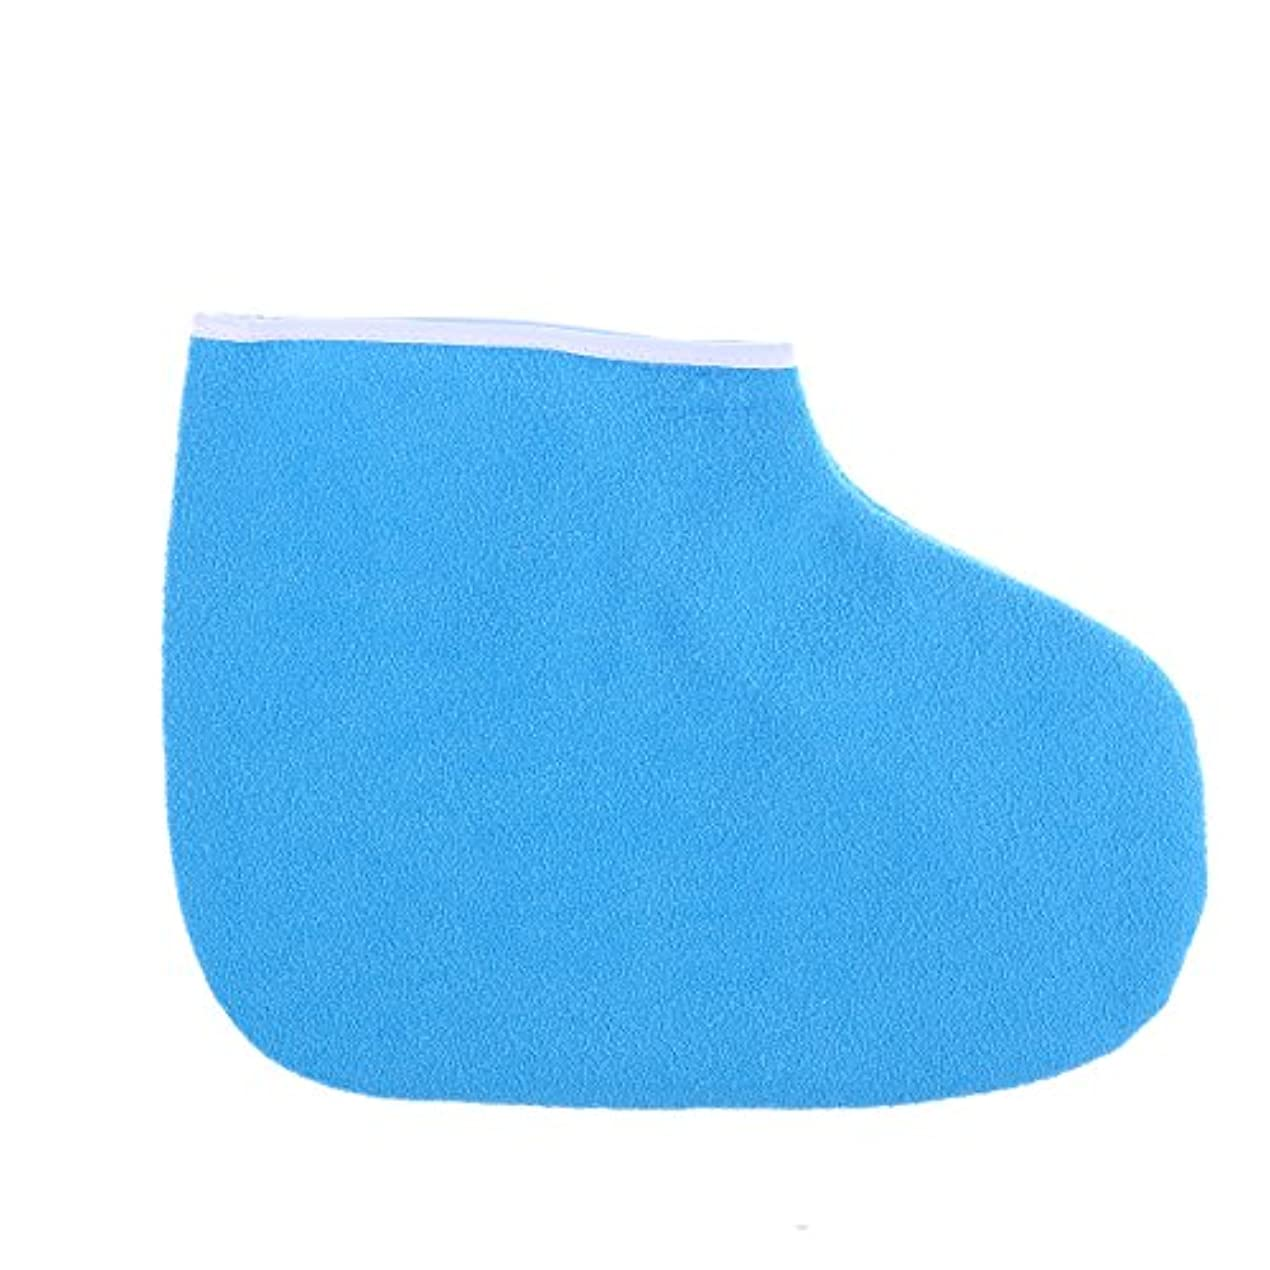 狼着る回転するHEALLILY パラフィンブーティワックスバスフットスパカバー温熱療法絶縁ソフトコットン保湿フットストラップ(ブルー)